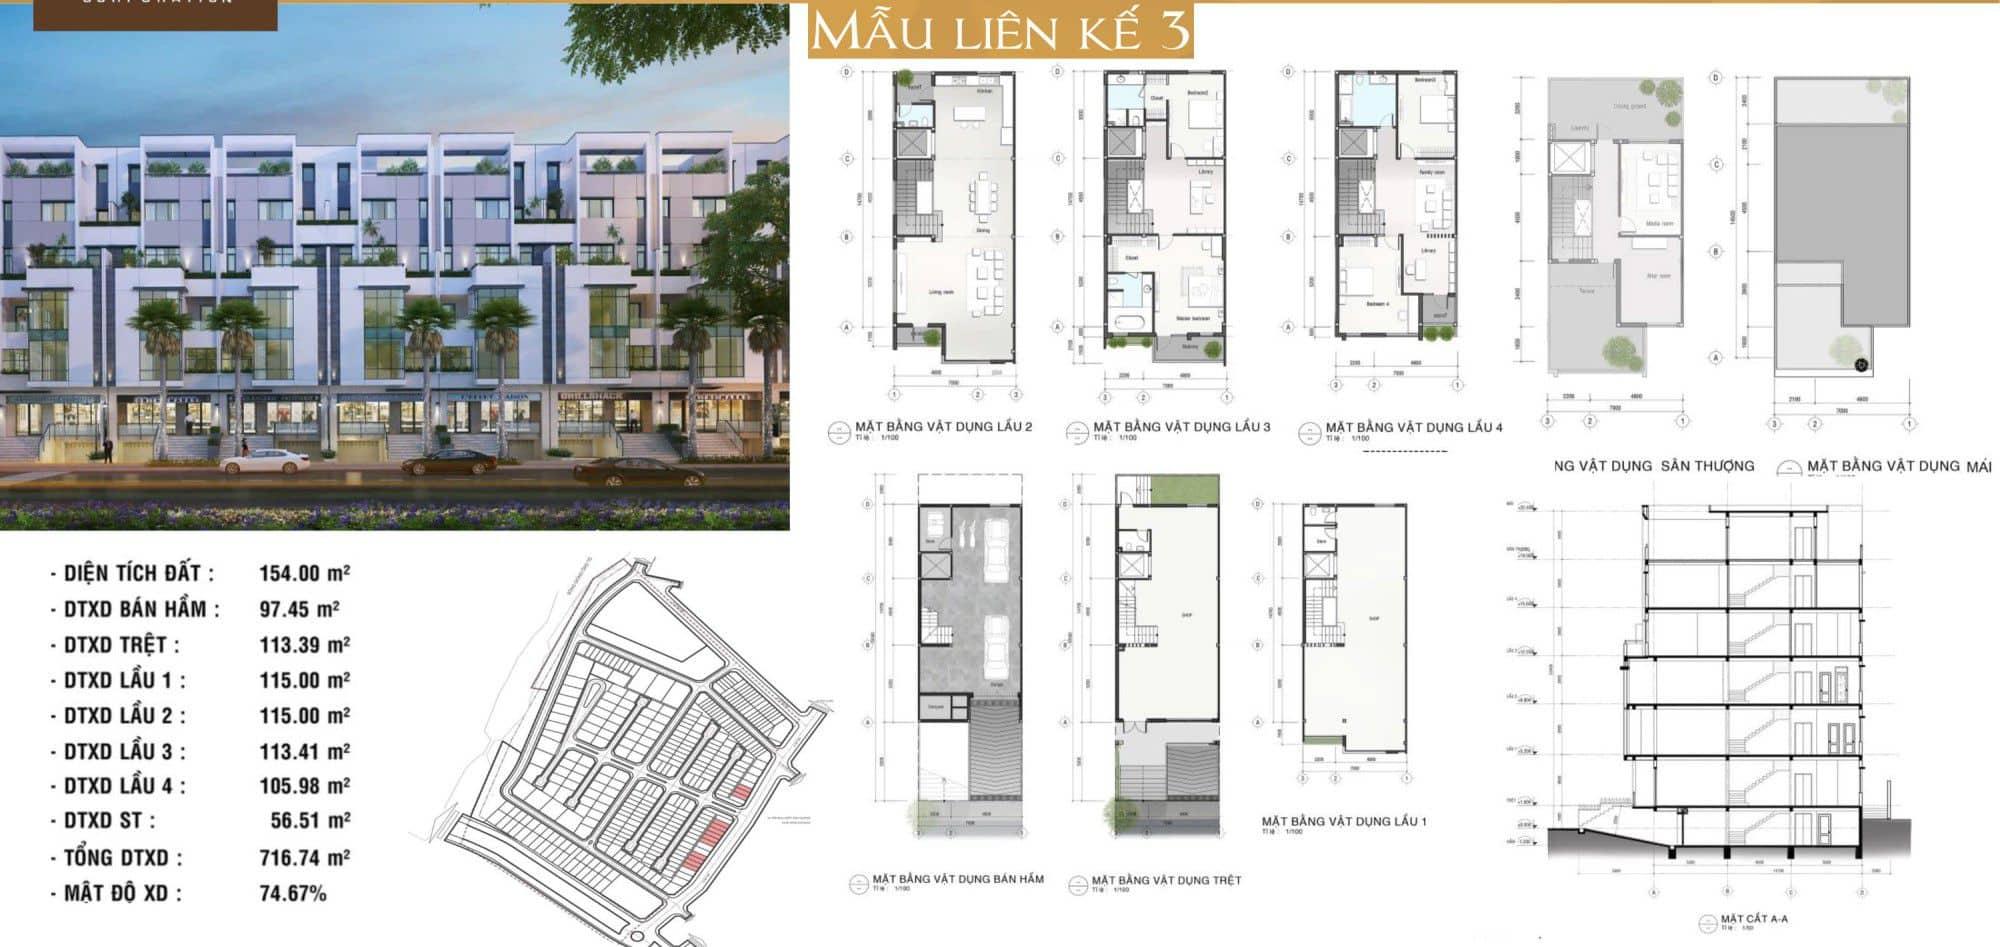 Thiết kế nhà phố liền kế Saigon Mystery Villas mẫu 3